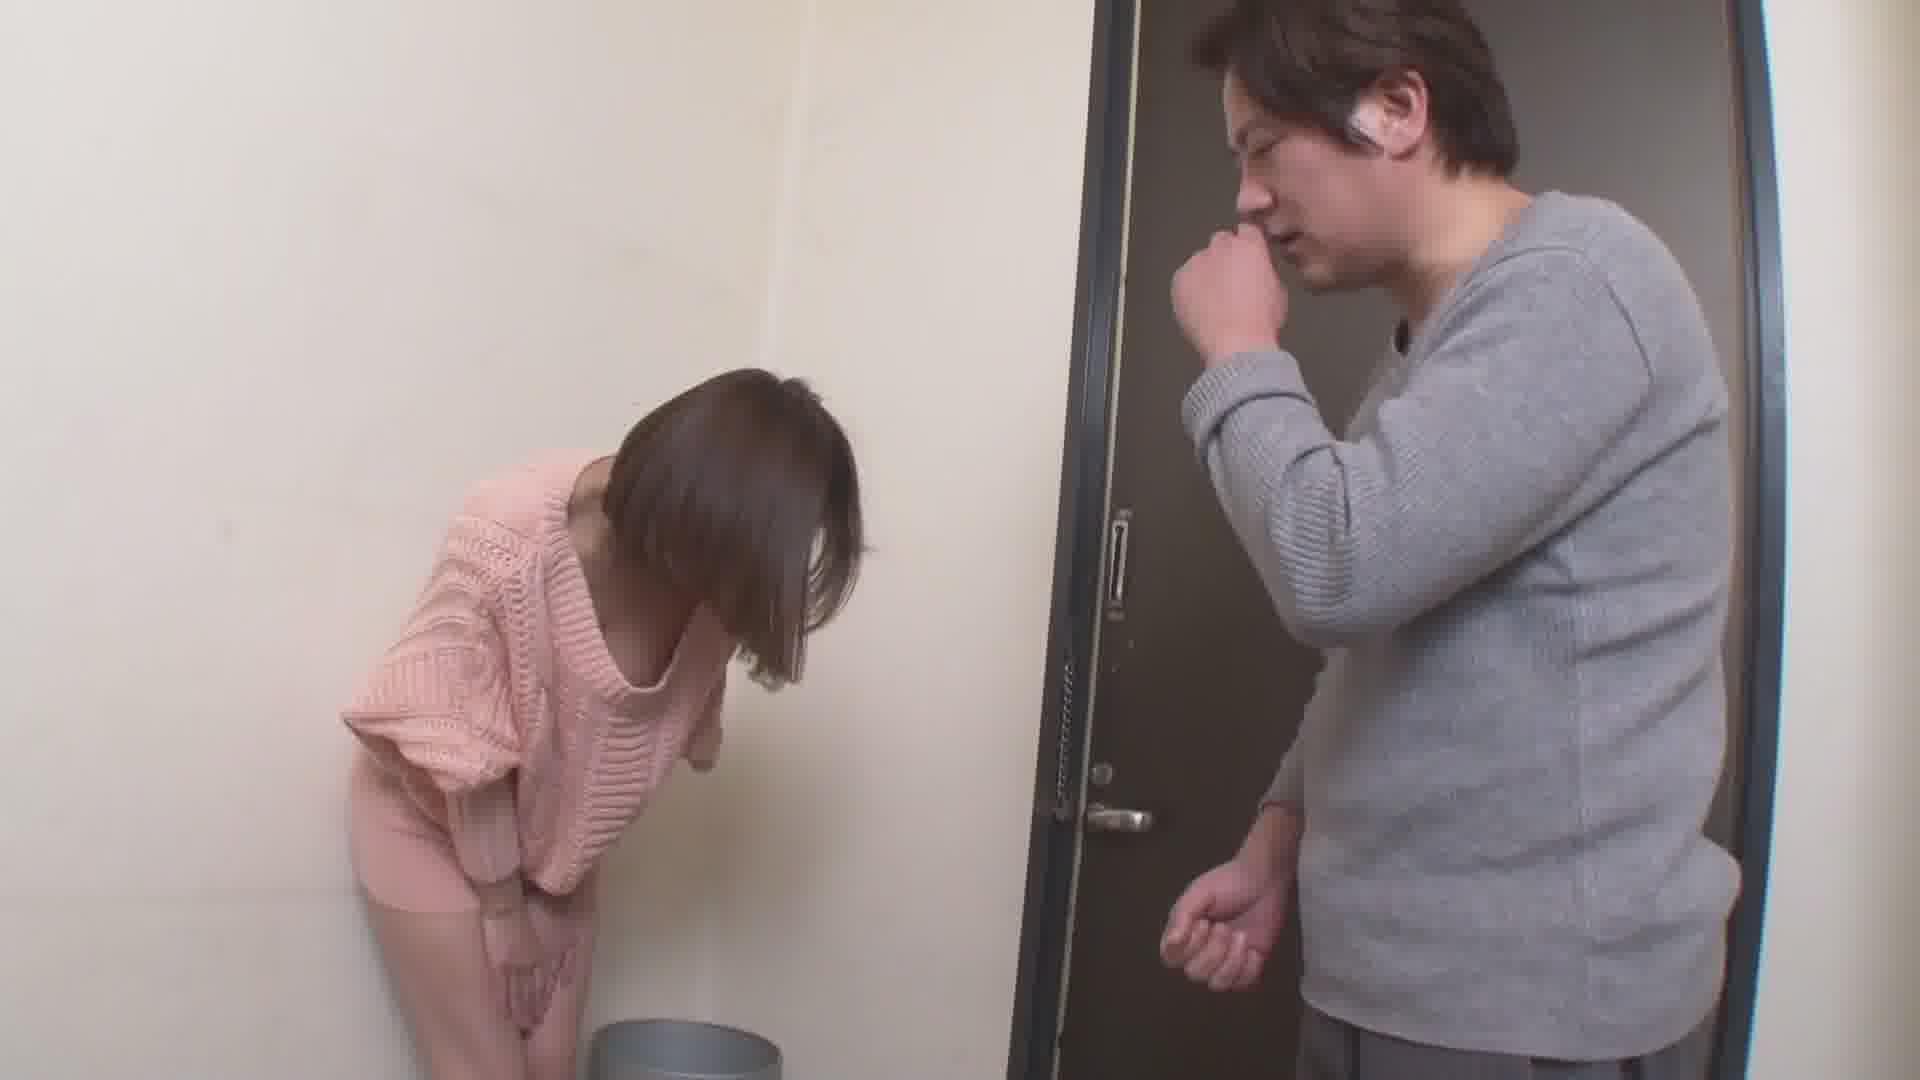 ゴミ出しは適当に!セックスは上等に! - HITOMI【痴女・スレンダー・中出し】